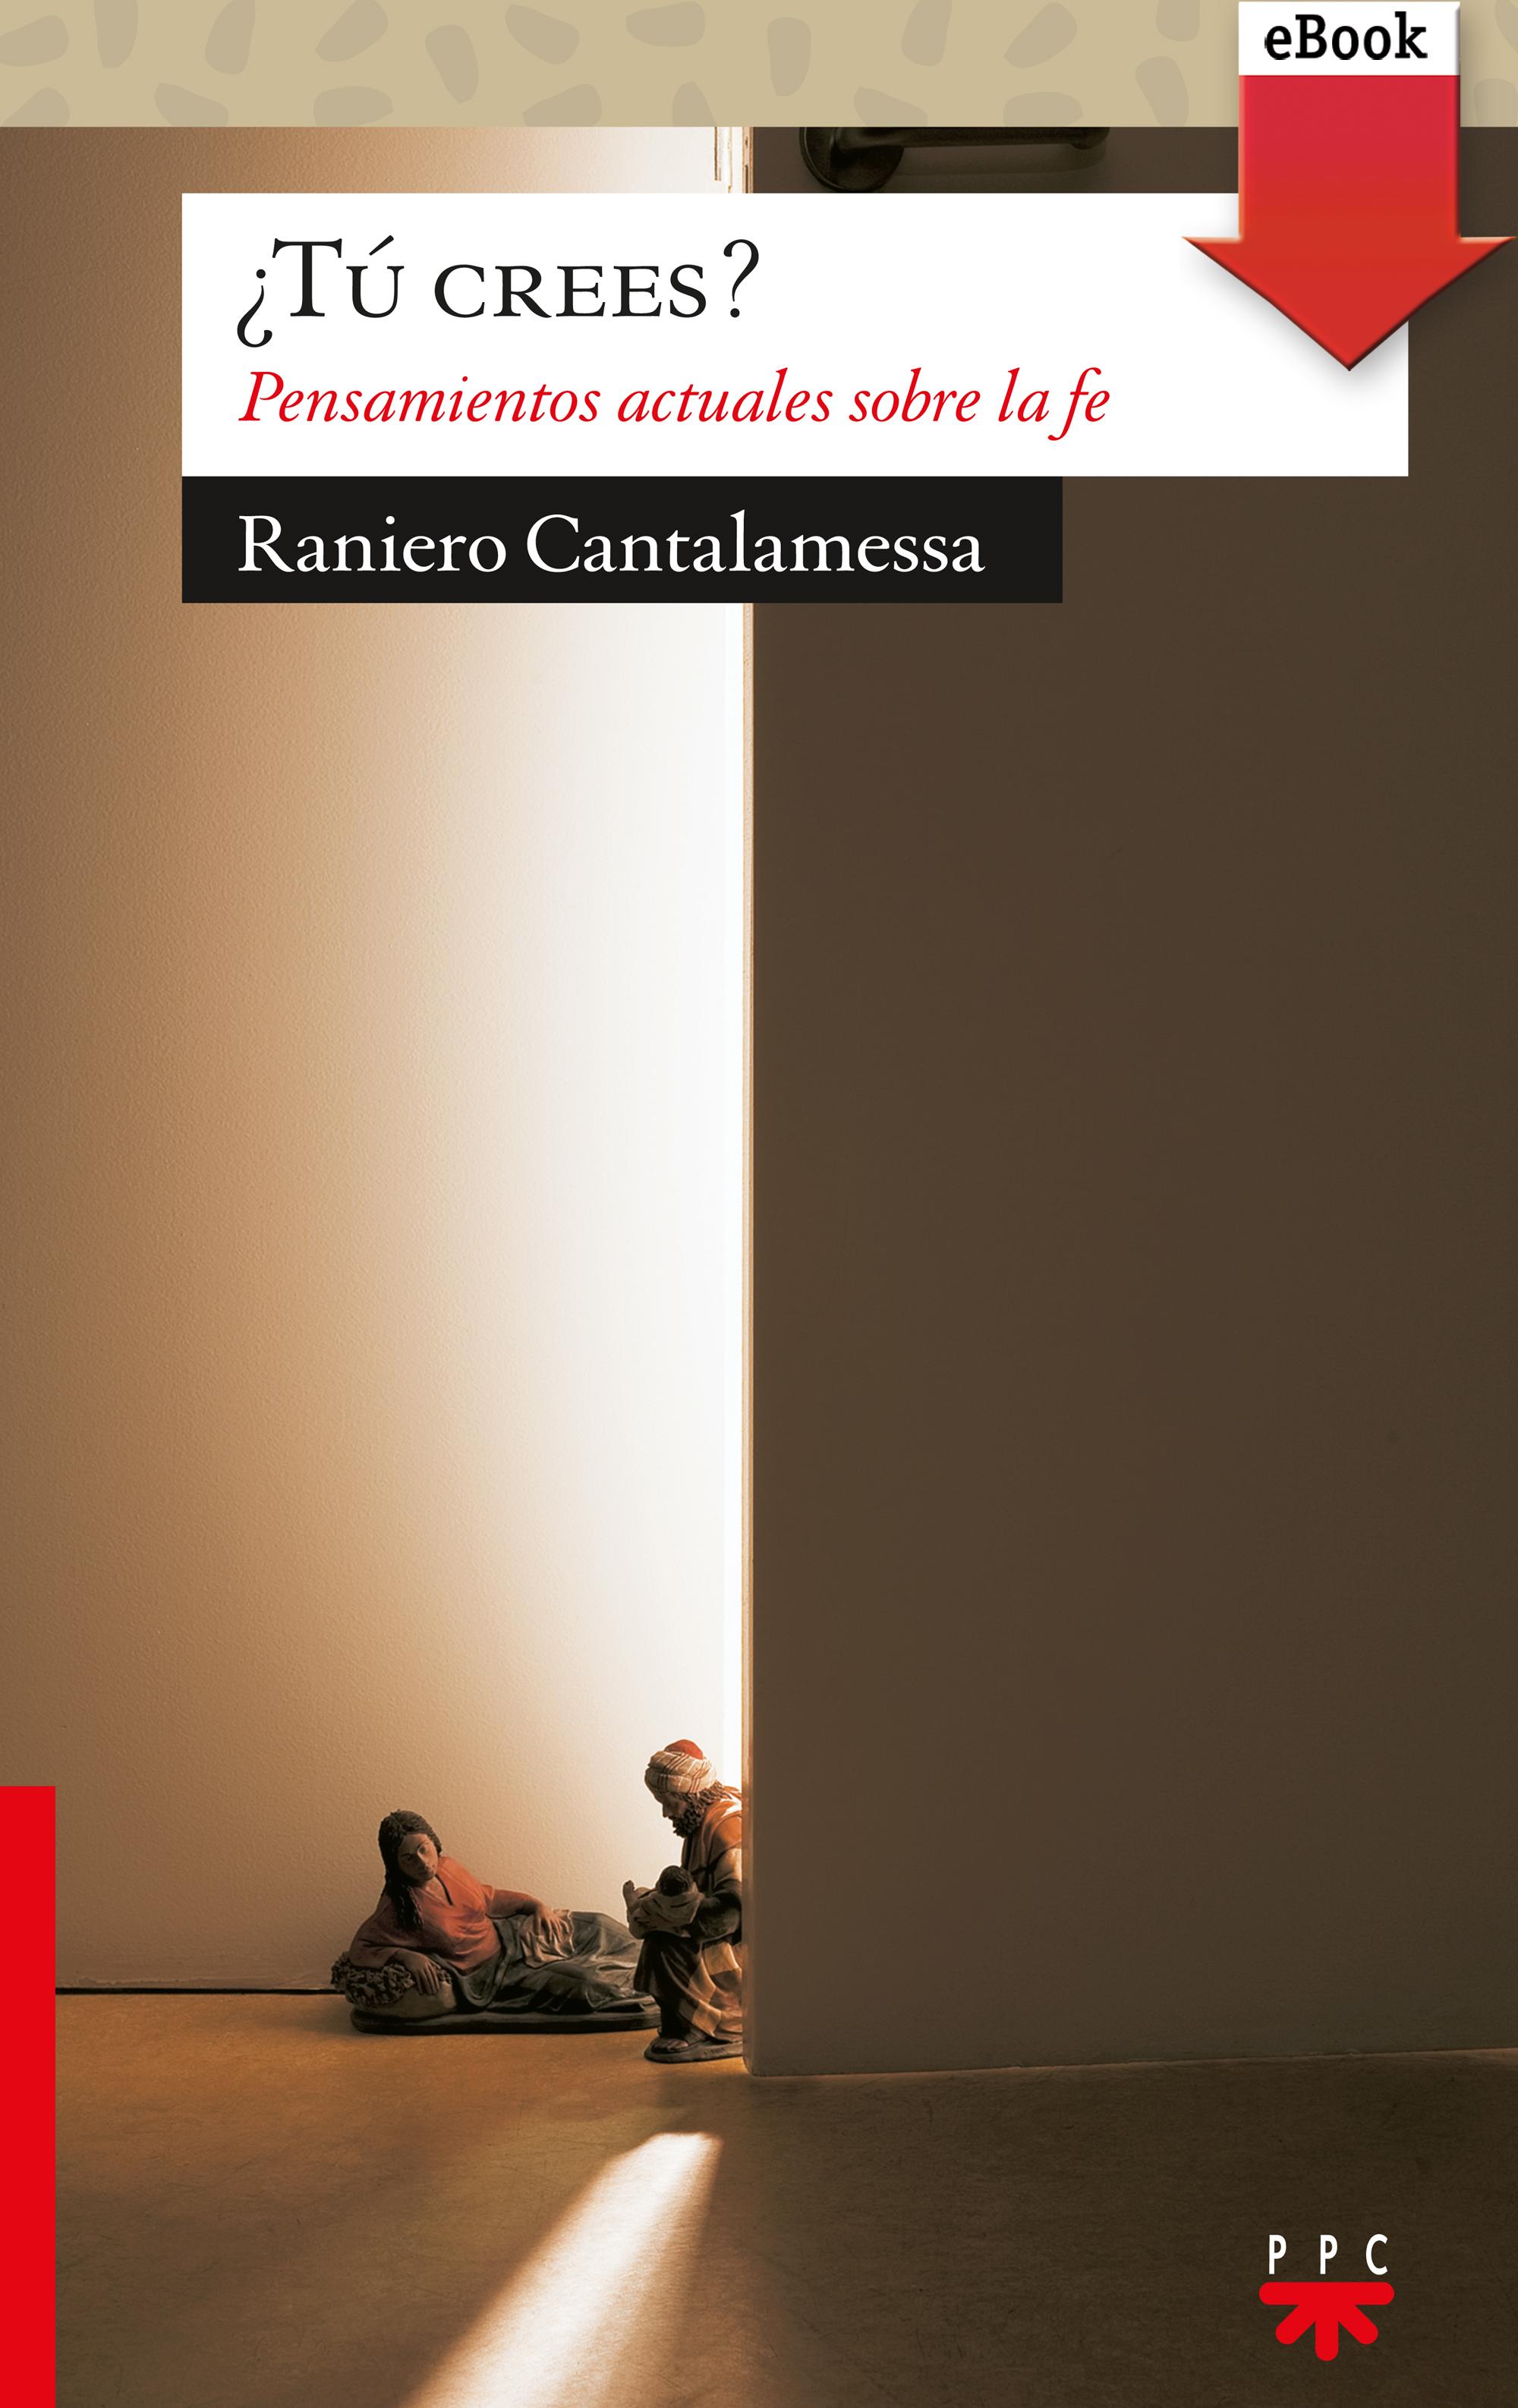 Raniero Cantalamessa ¿Tú crees? raniero cantalamessa wiara która zwycięża świat